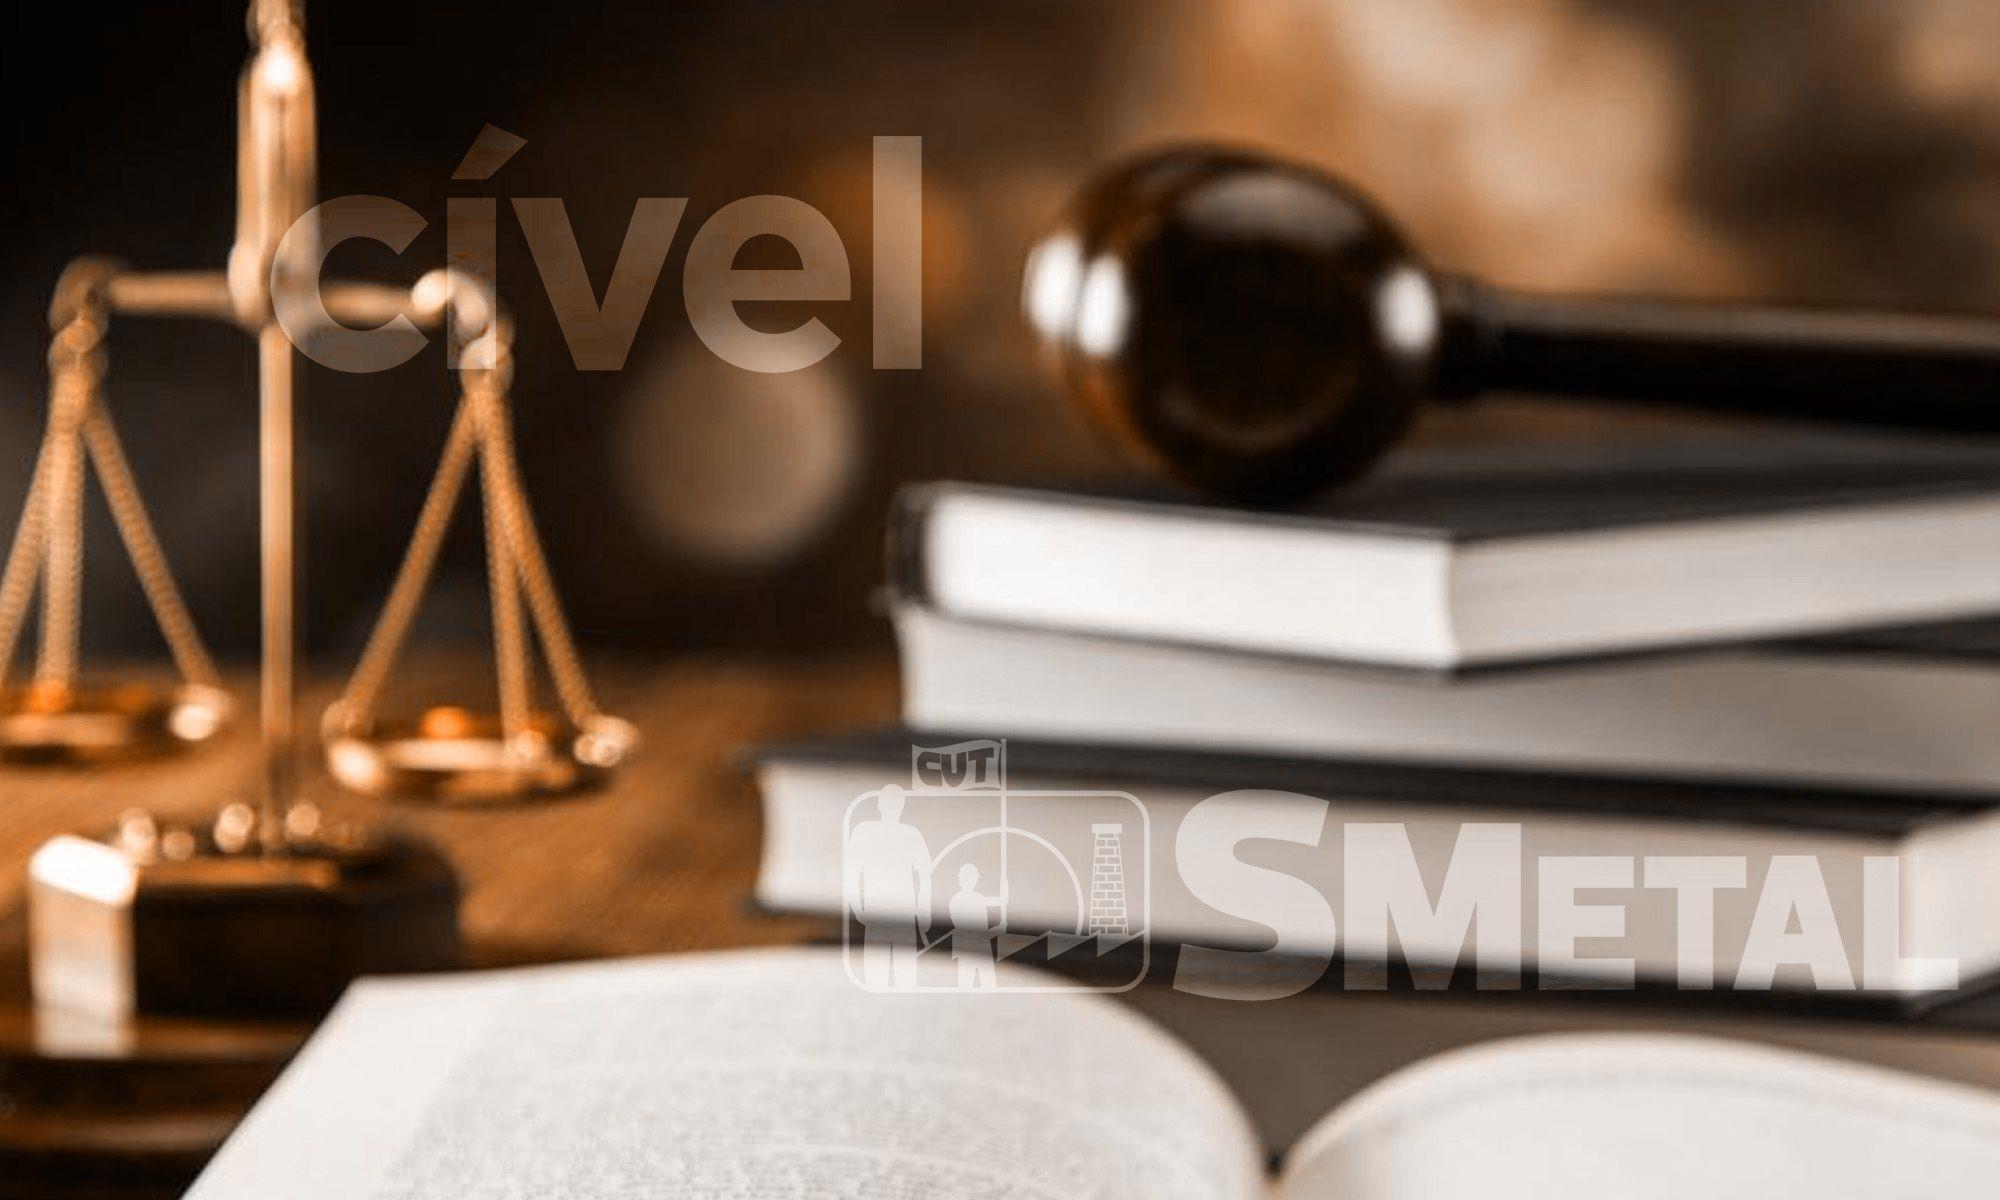 juridico, civel, smetal, sorocaba, plantão,, Divulgação